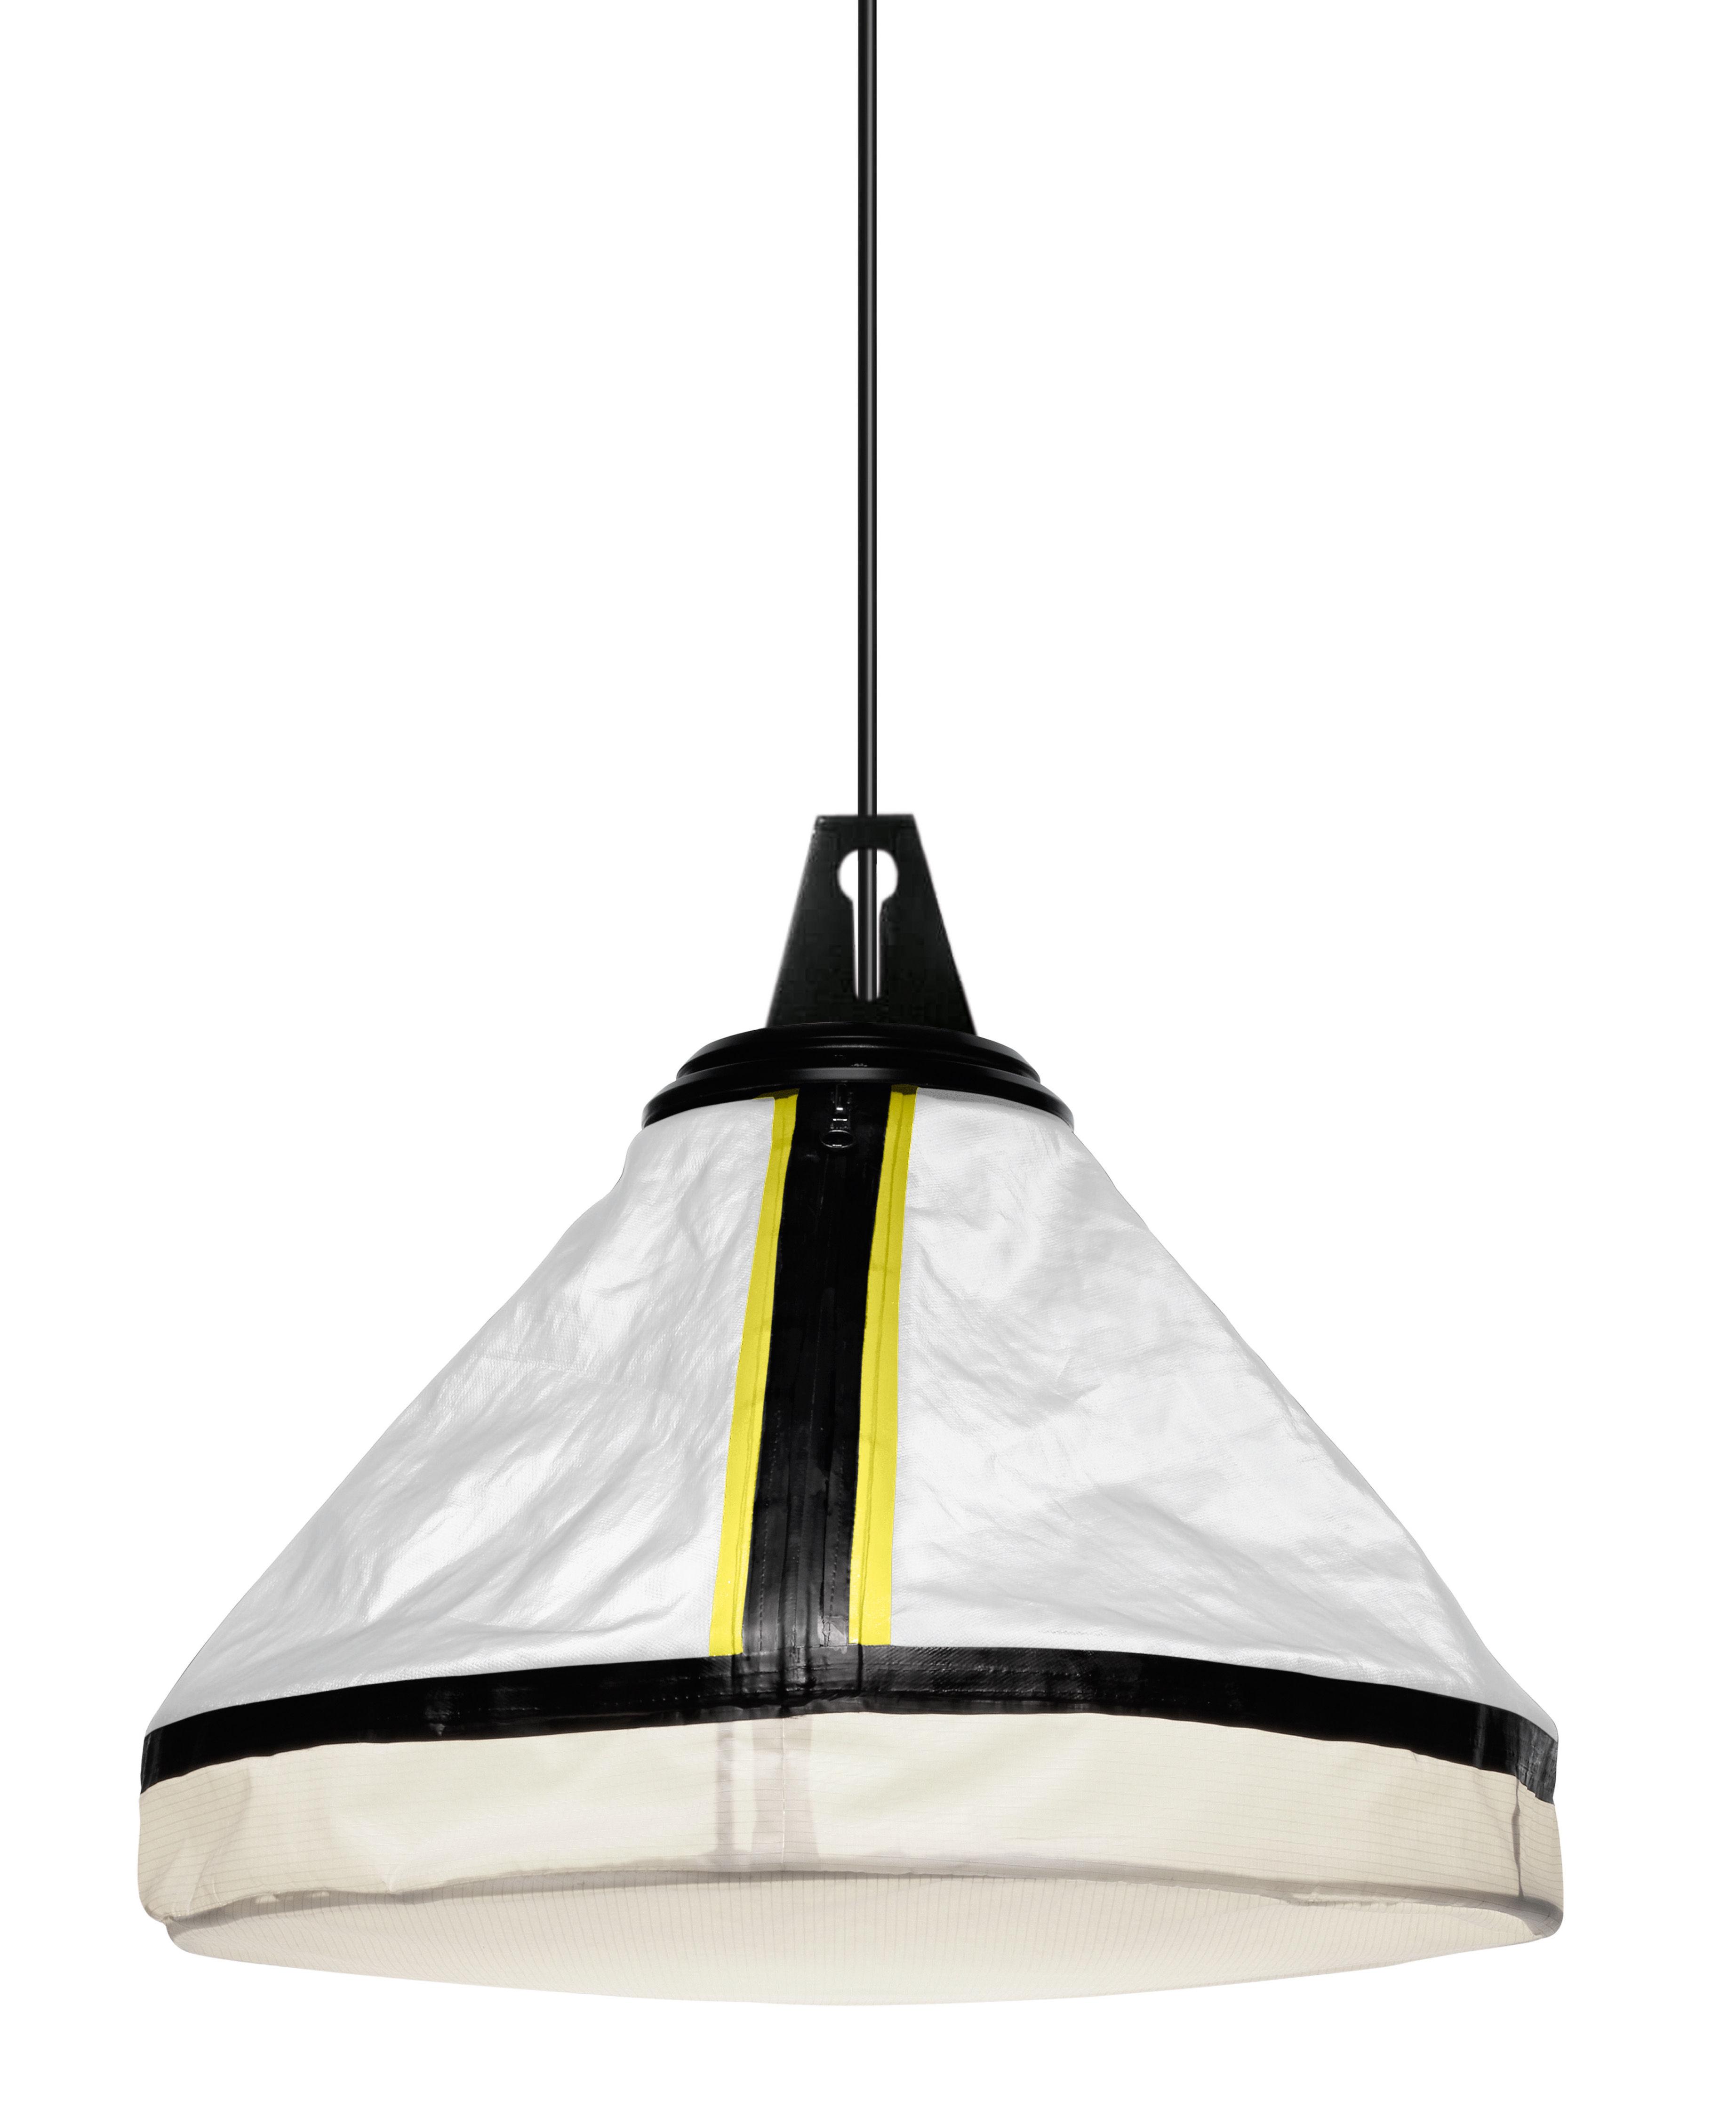 Leuchten - Pendelleuchten - Drumbox Pendelleuchte Ø 45 cm x H 37 cm - Diesel with Foscarini - Weiß & neongelbe Bordüre - Gewebe, Metall